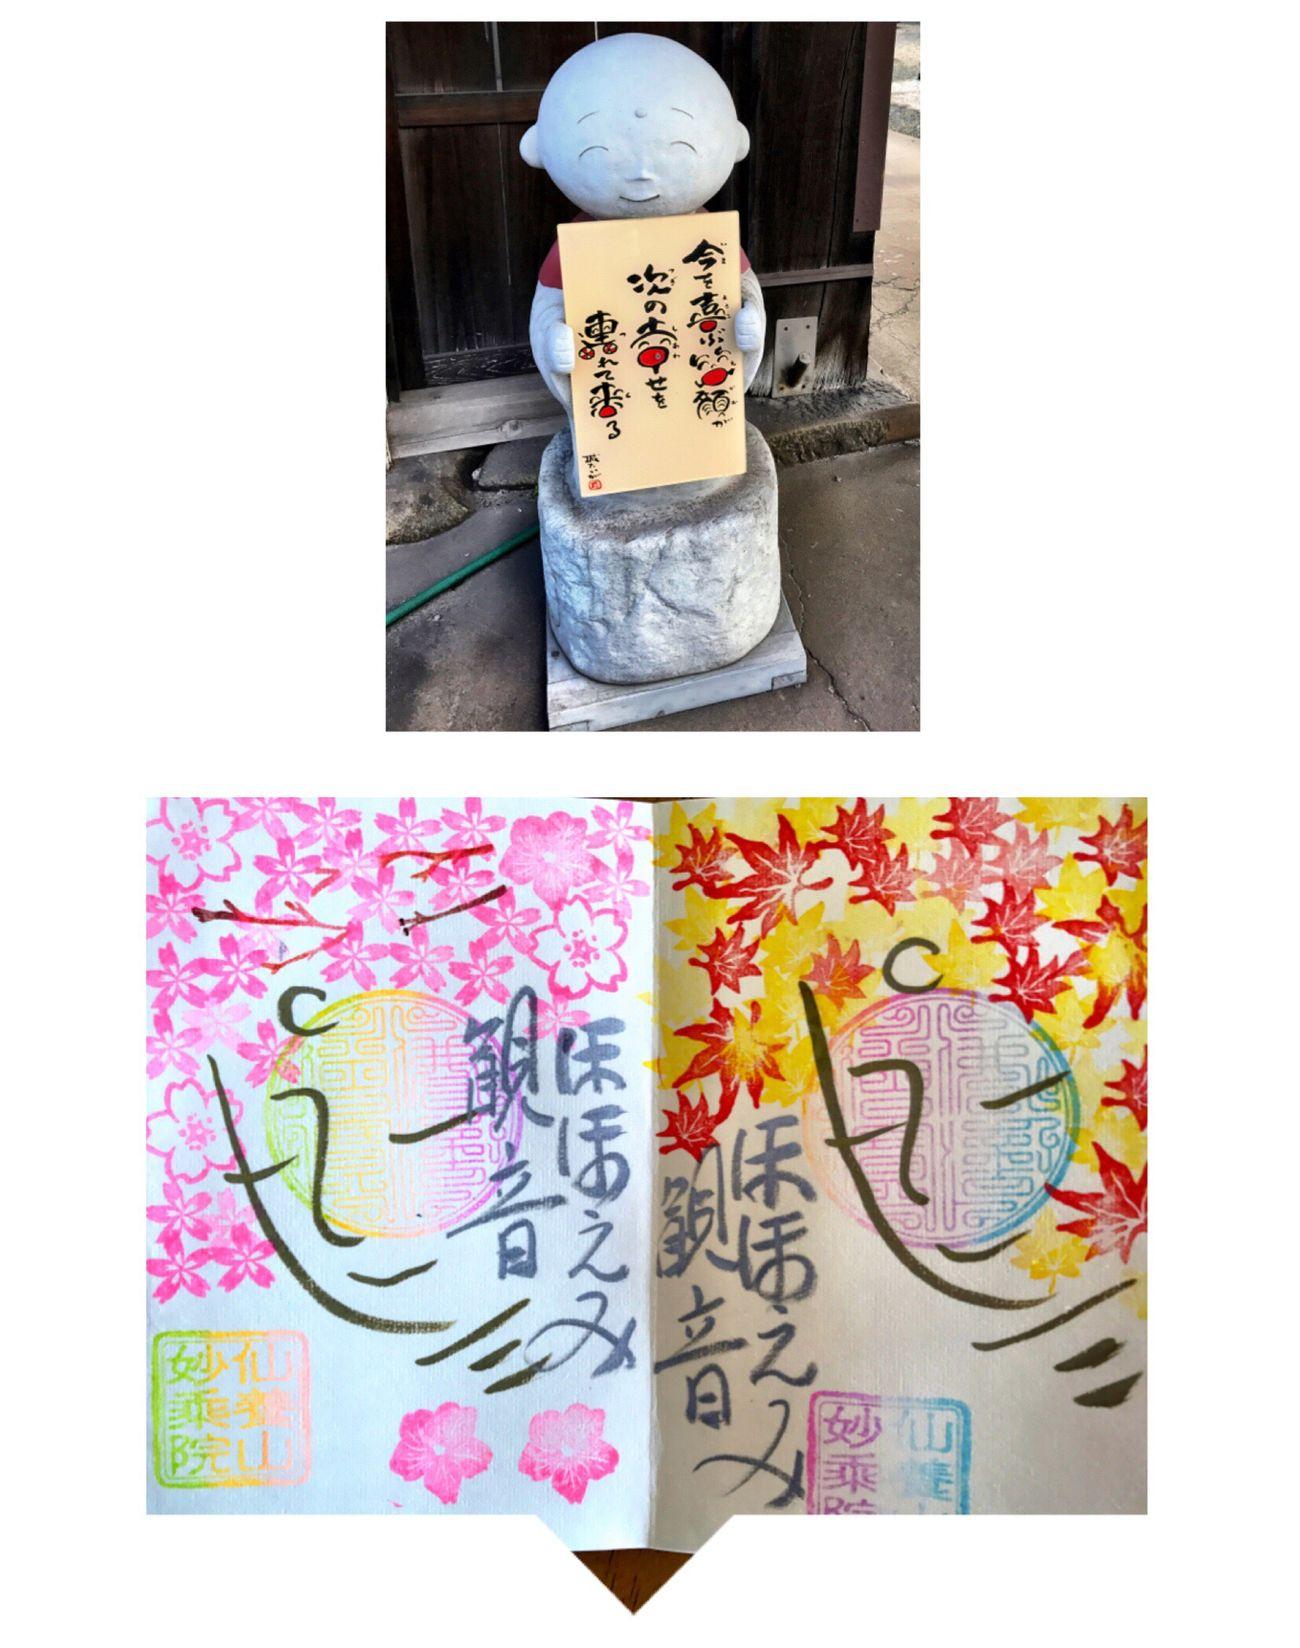 御朱印 ご朱印 朱印 日本 Japan お地蔵様 お地蔵さん Stamp